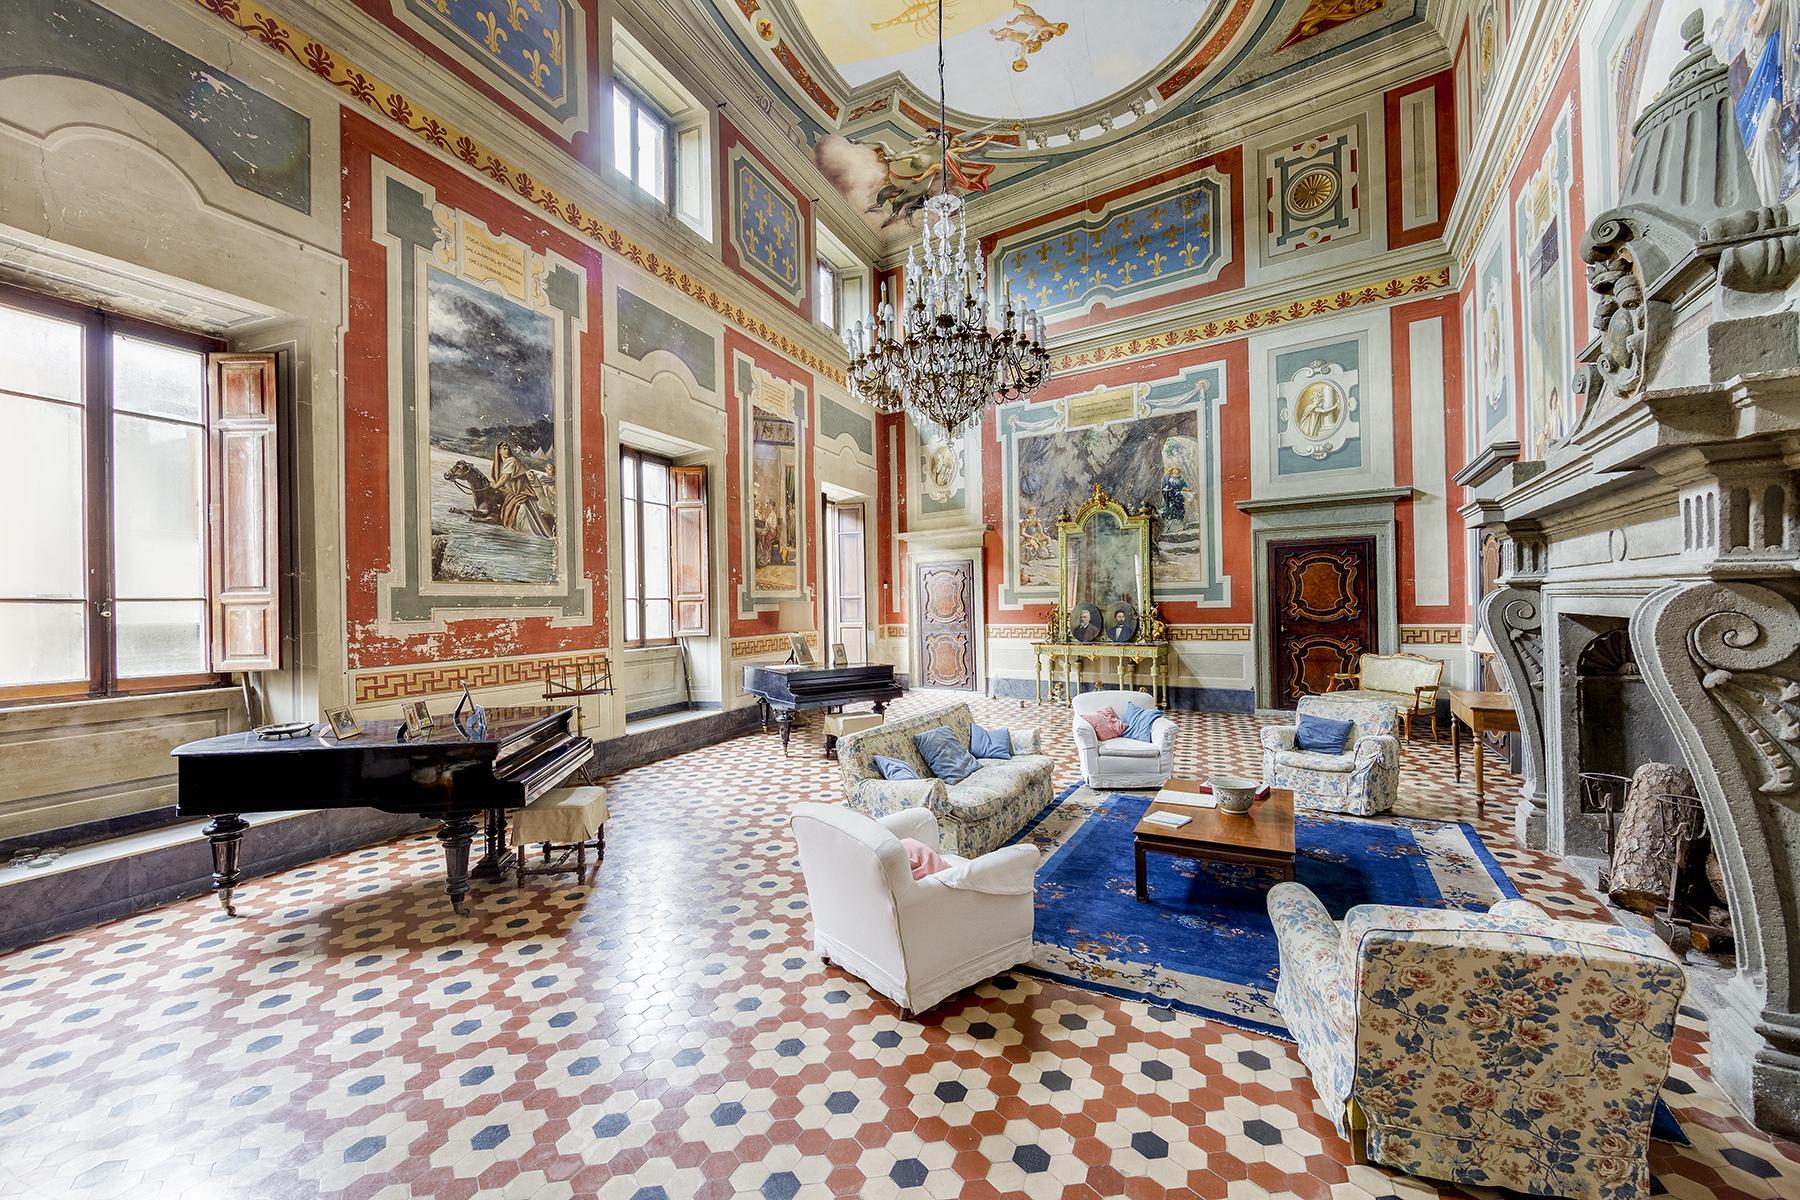 Glorious Renaissance Palace - 9